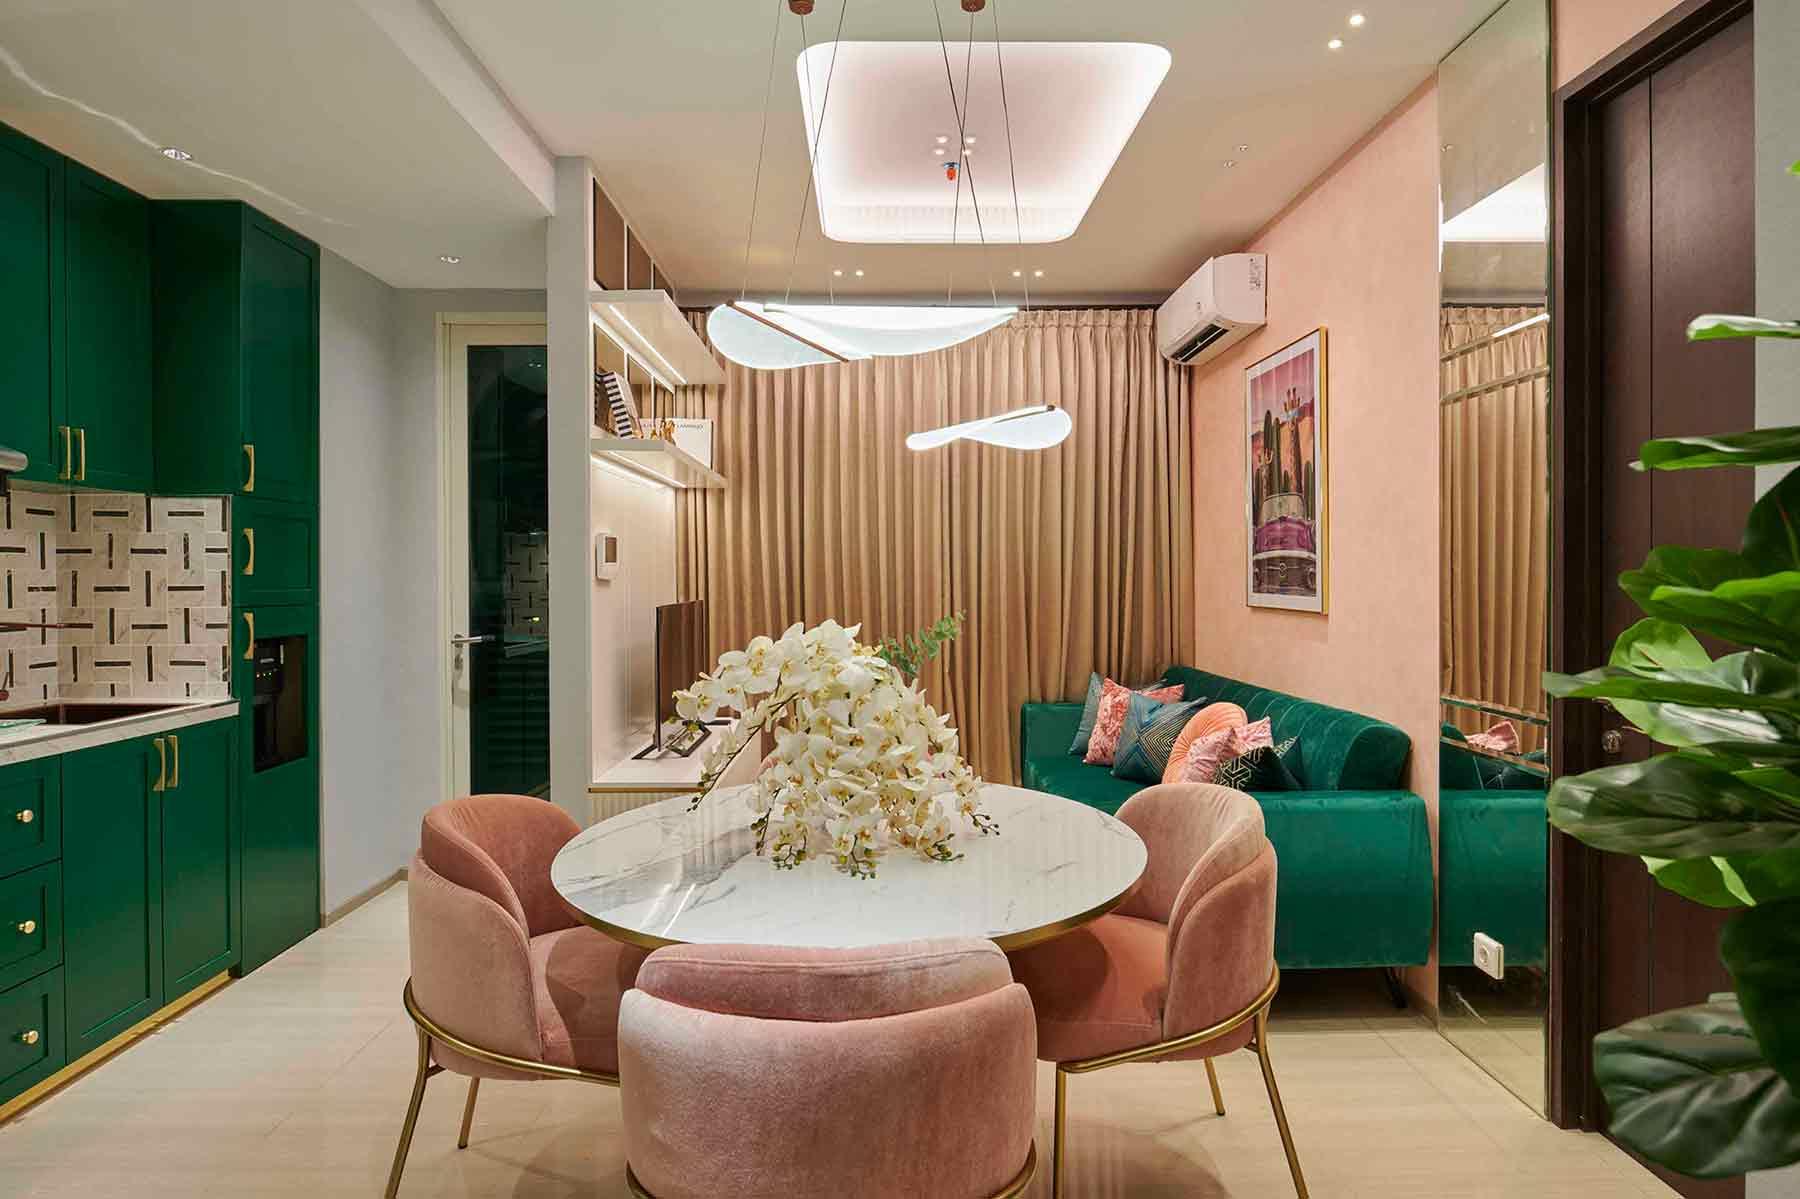 Desain interior dengan sentuhan warna hijau, karya Studio Kuskus, via arsitag.com